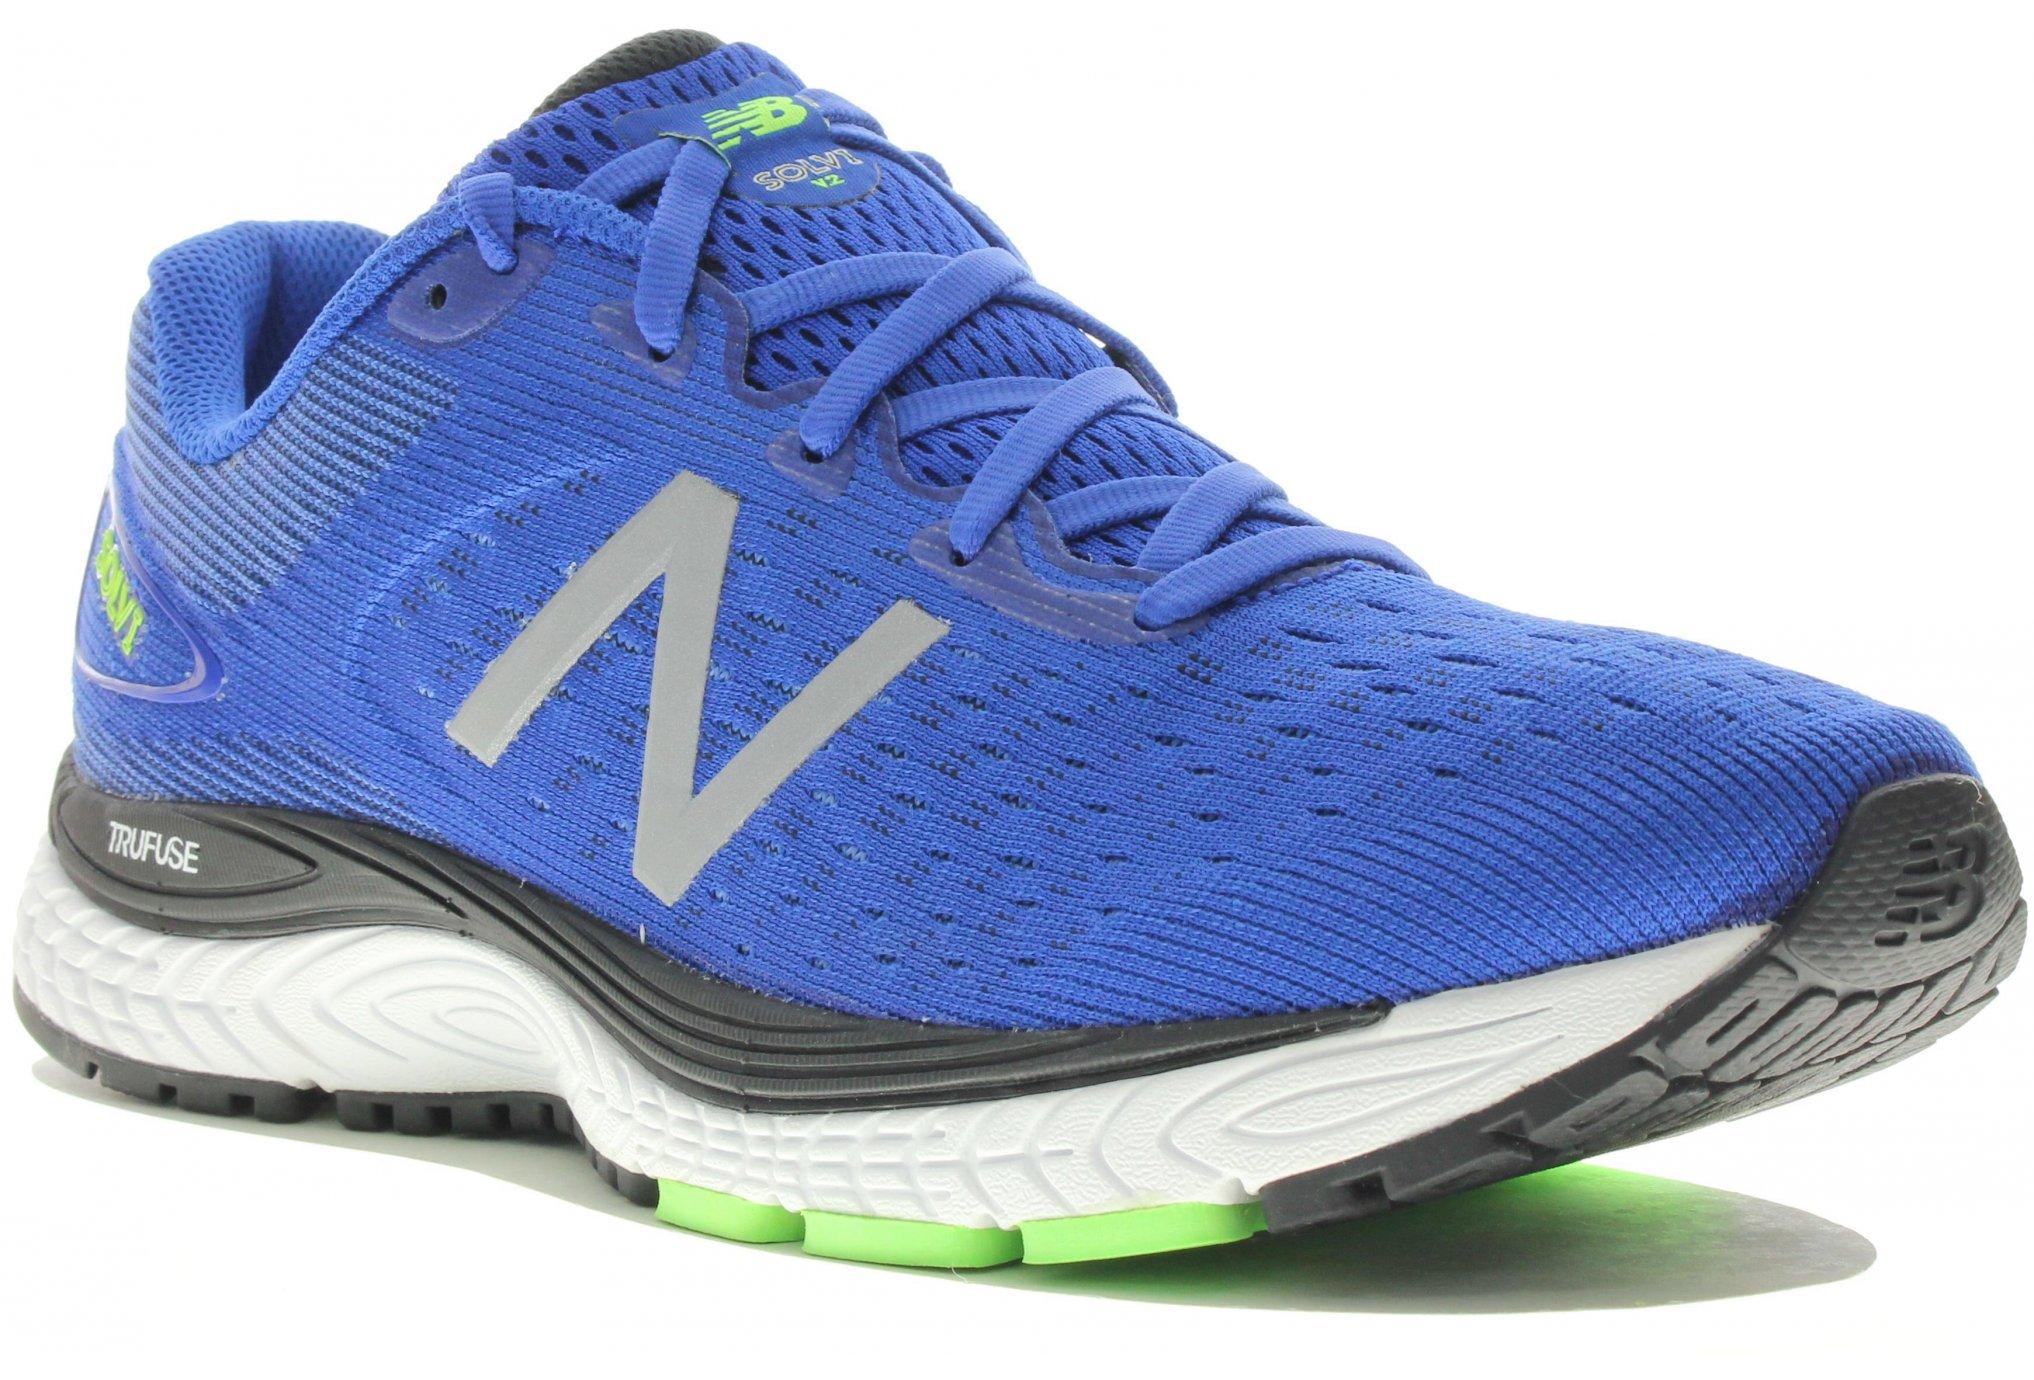 New Balance Solvi v2 Chaussures homme